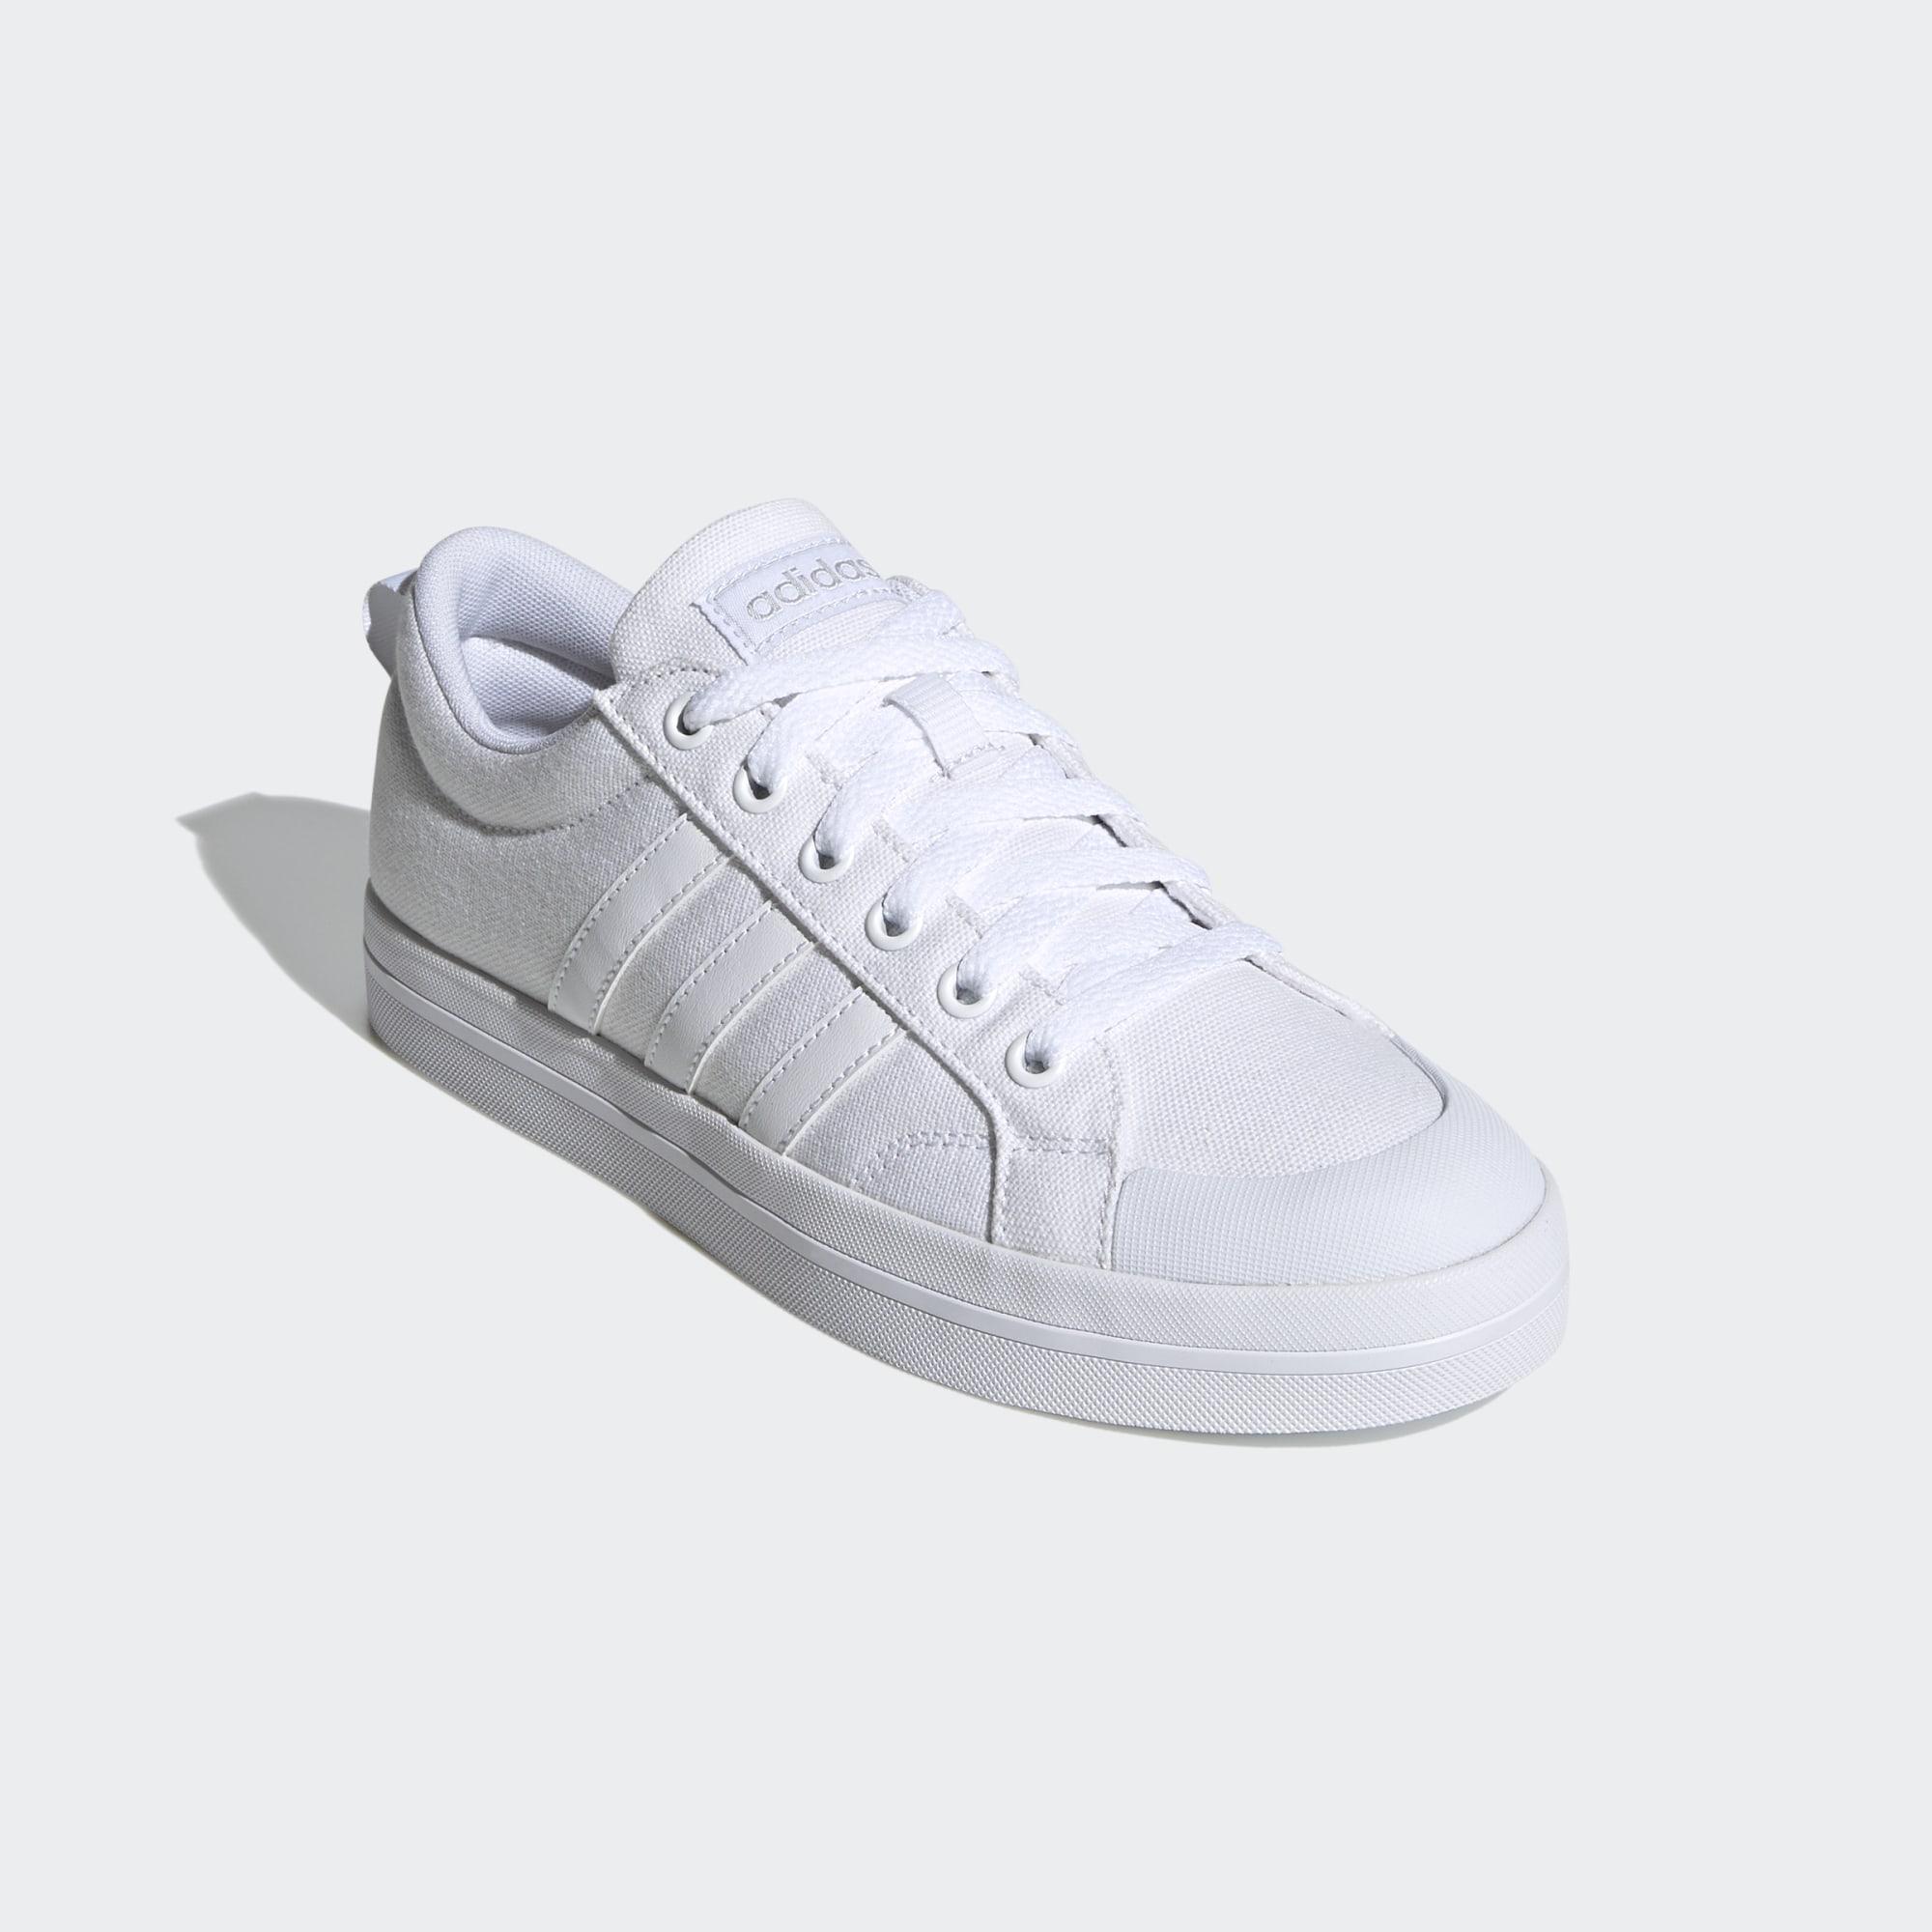 Zapatillas Bravada blancas